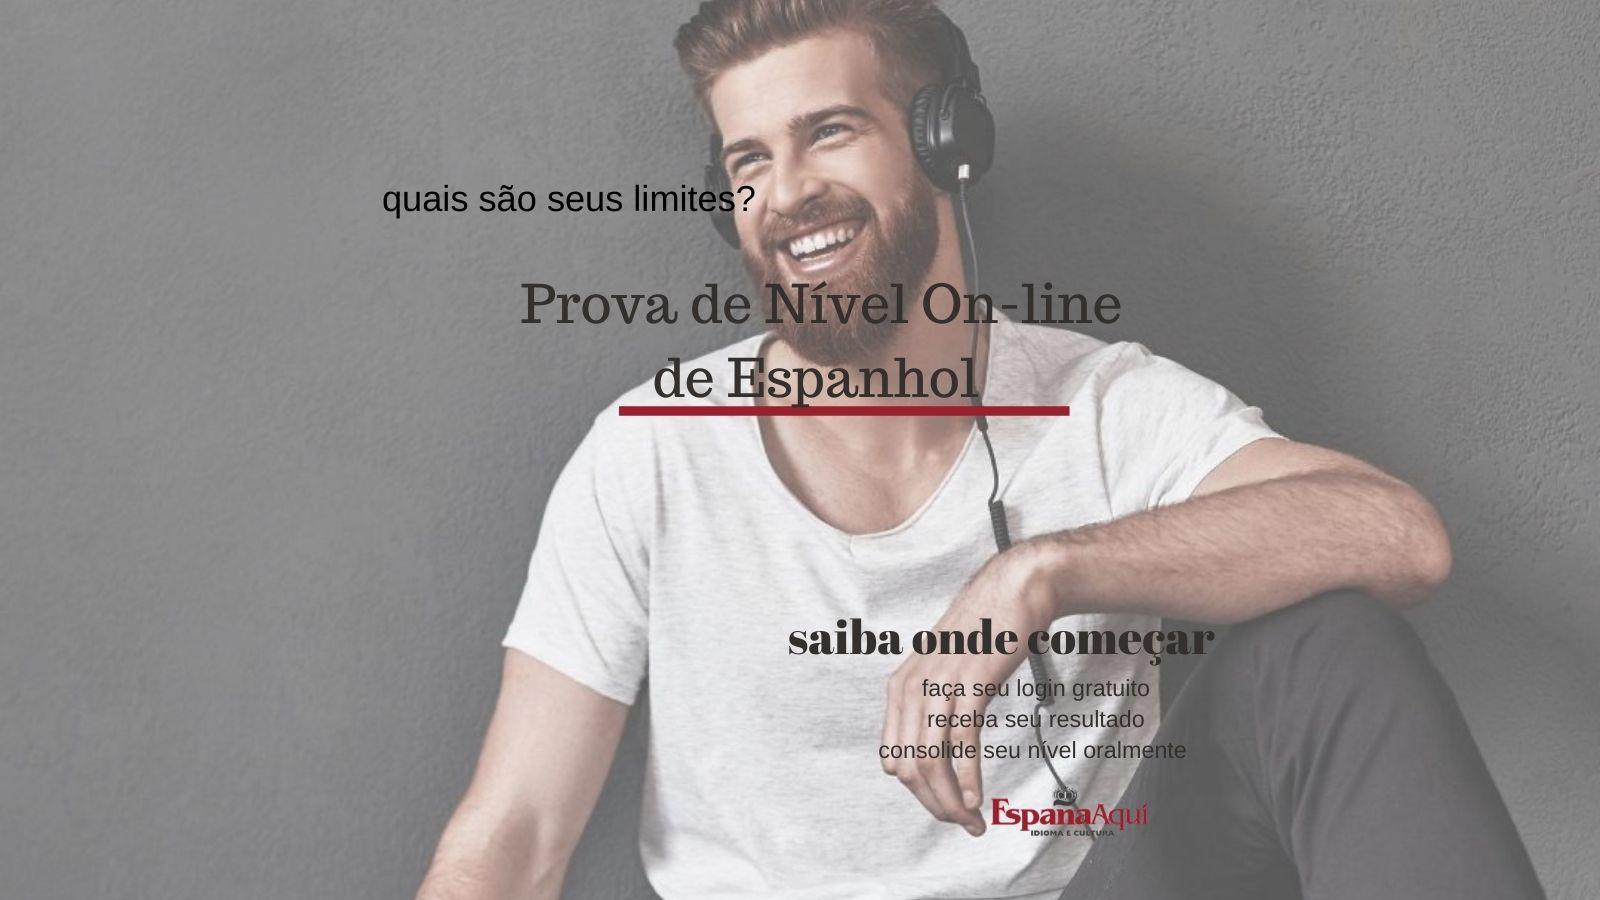 http://www.espanaaqui.com.br/pdf/fevereiro%202021/site.%20%20saiba%20seu%20n%c3%advel.jpg